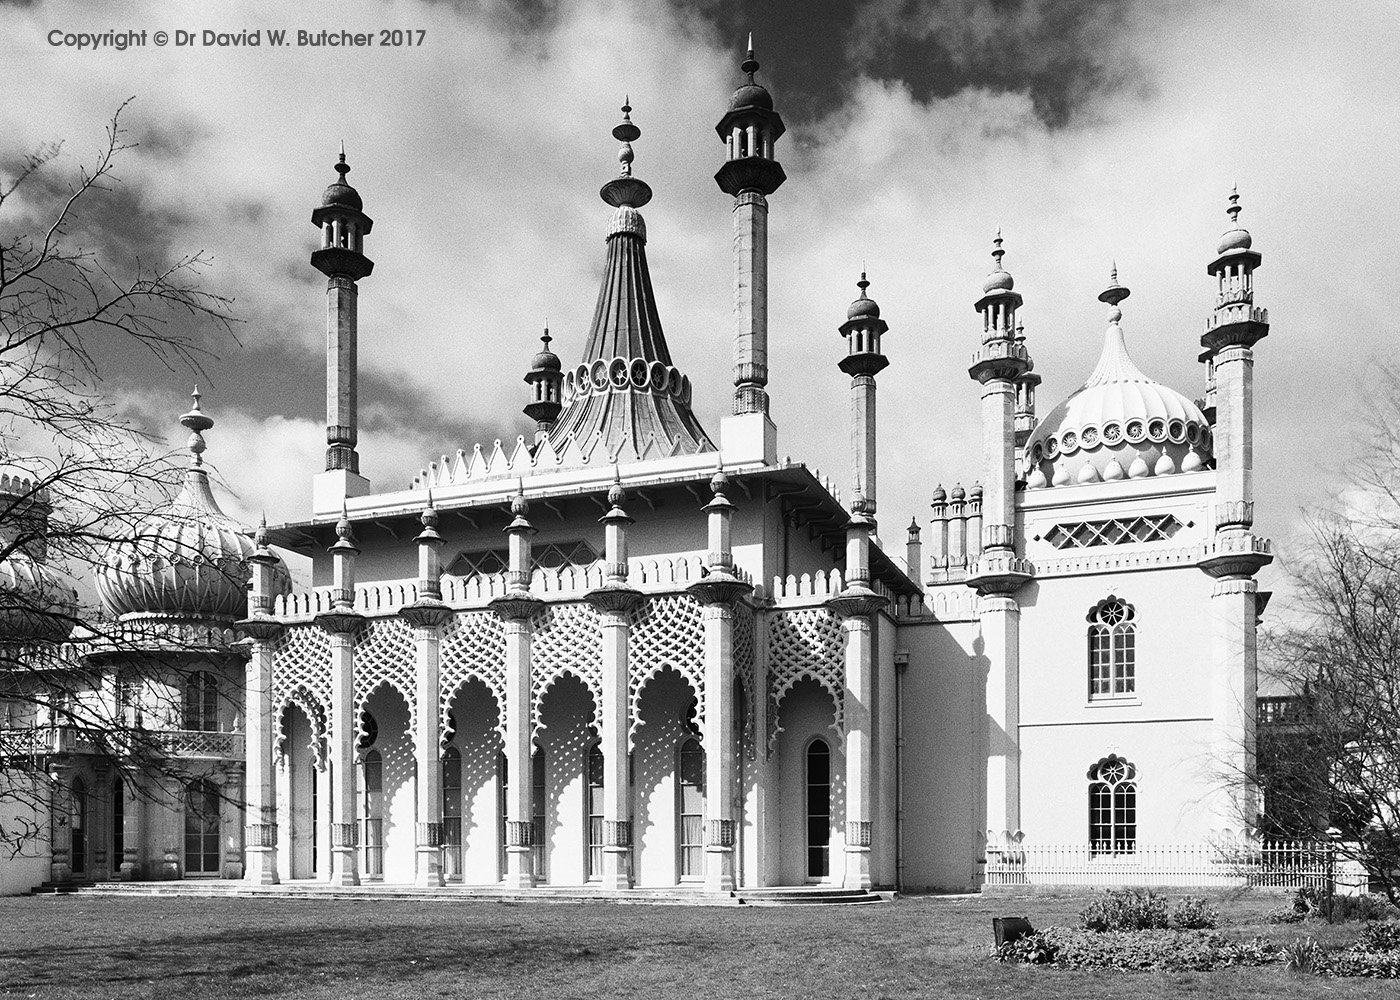 Brighton Pavilion, Sussex, England